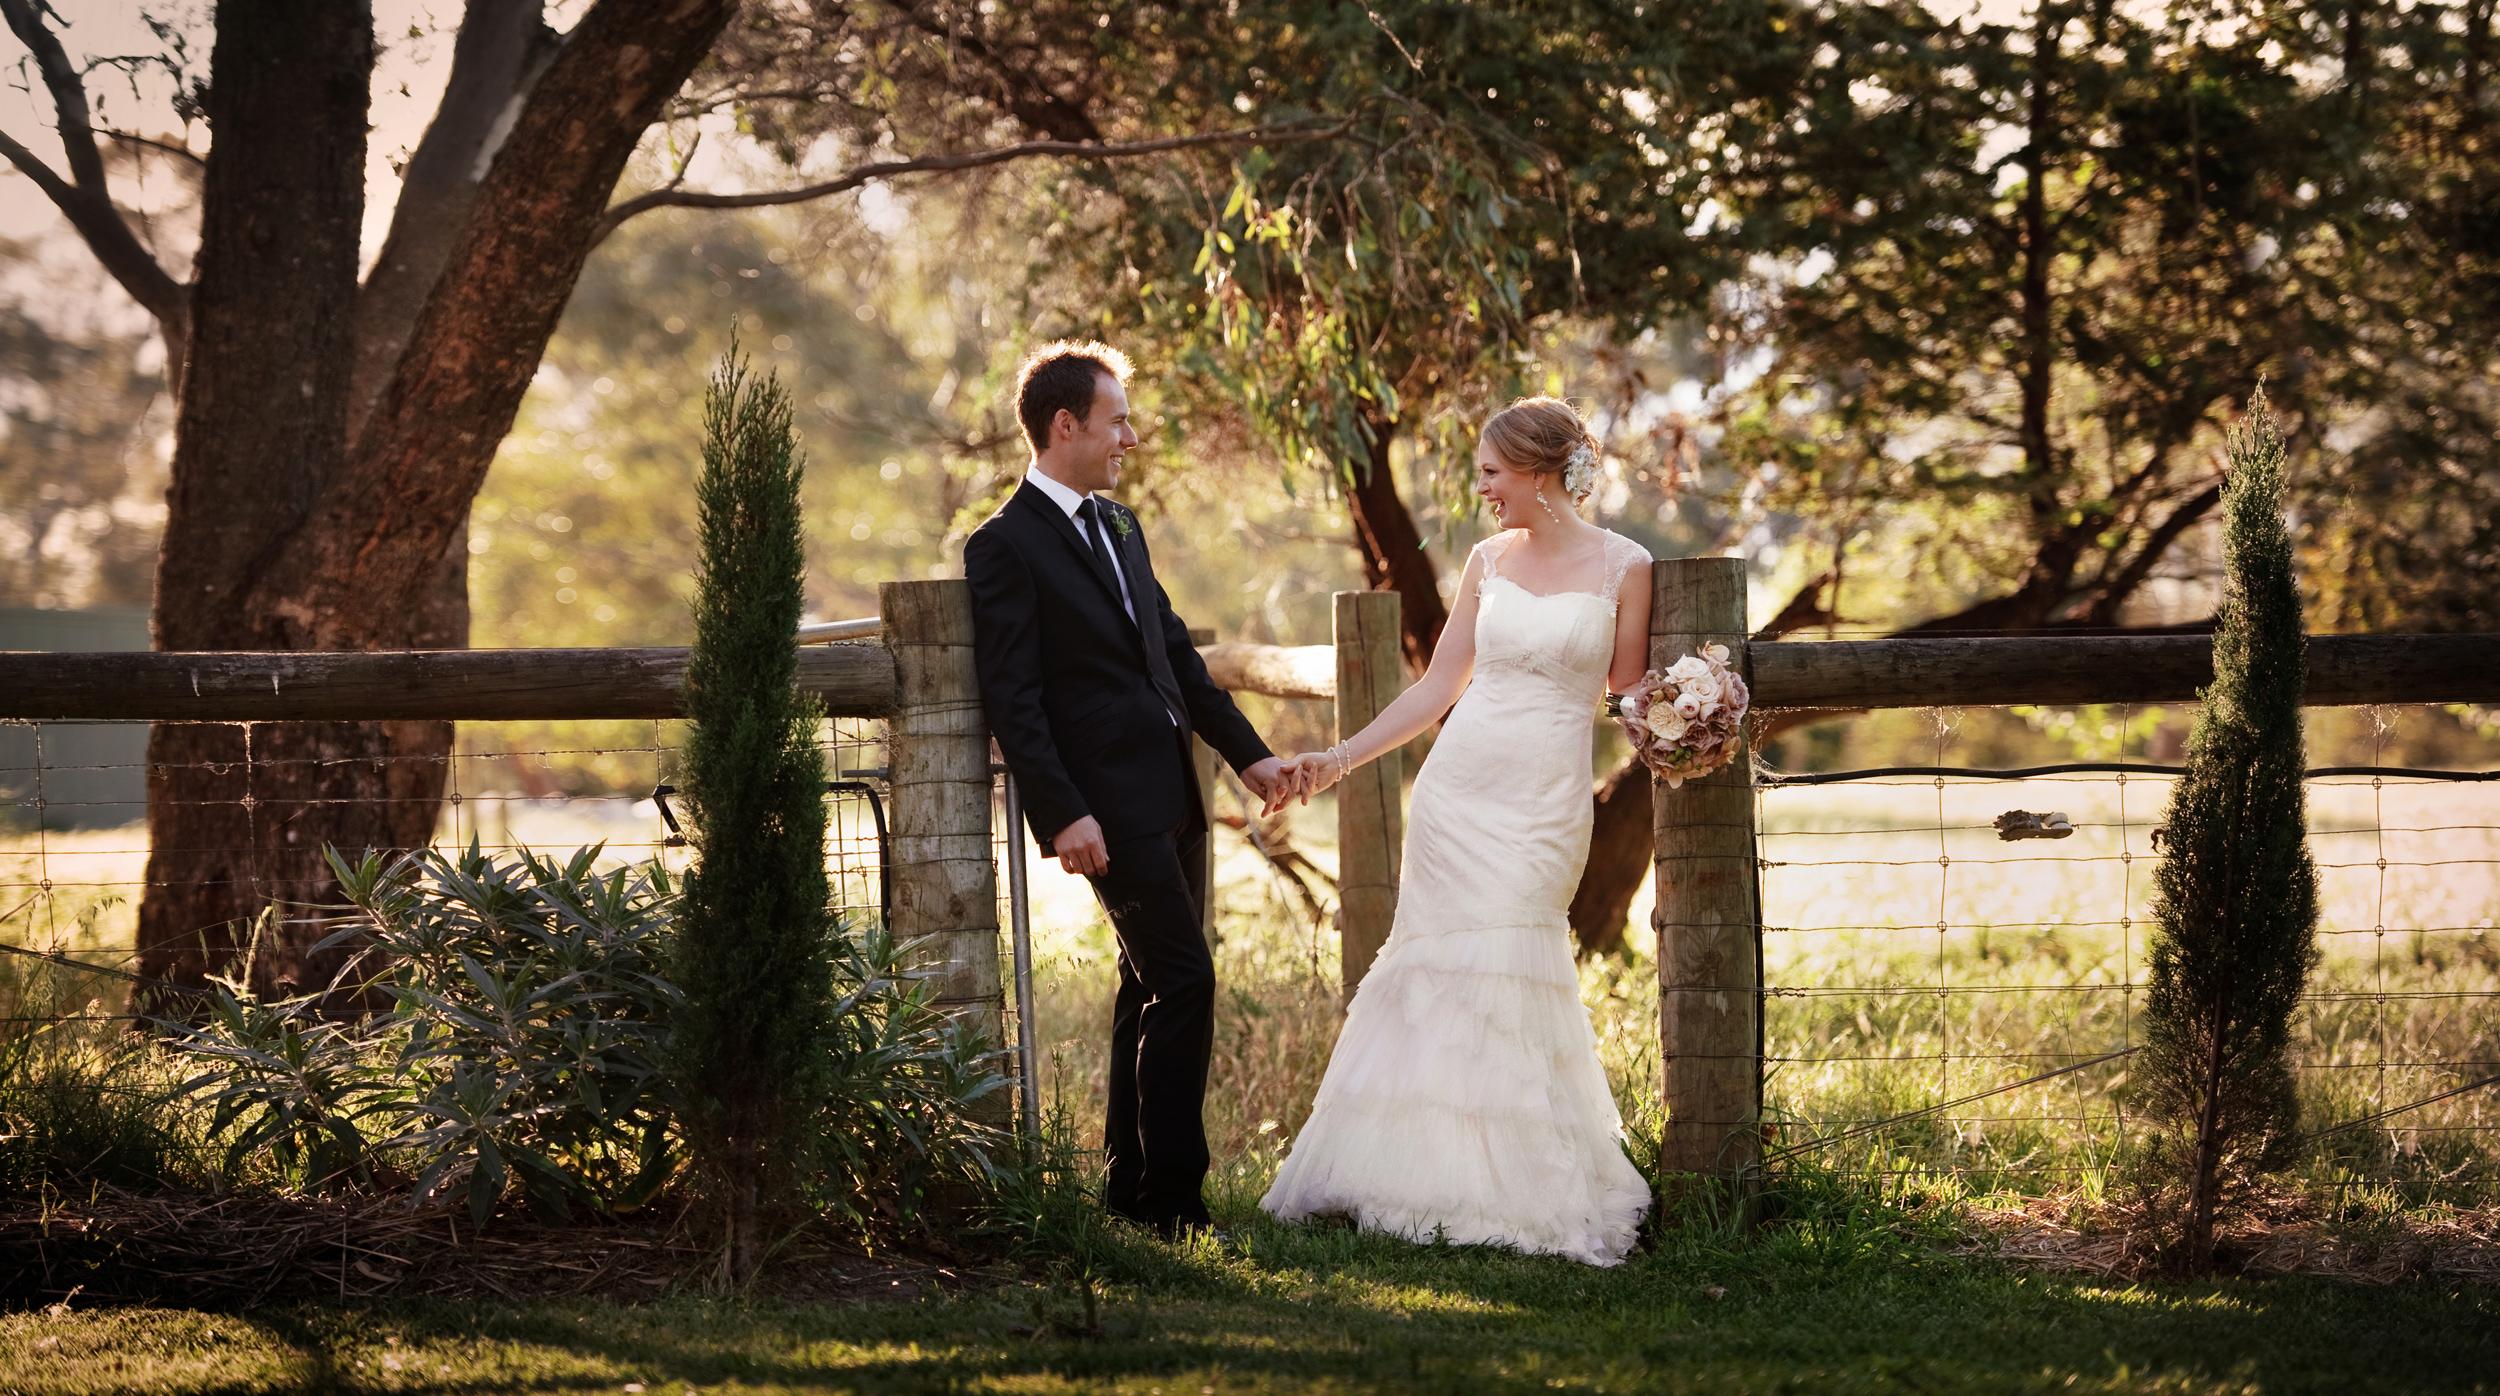 euroa_butter_factory_wedding_photography_48.jpg